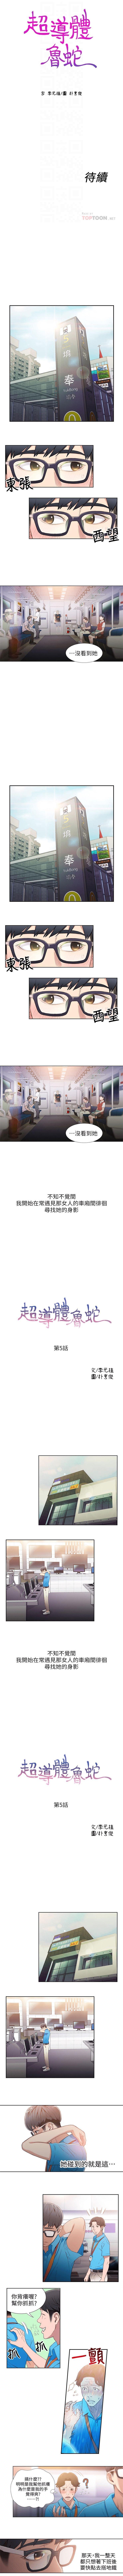 (周7)超导体鲁蛇(超级吸引力) 1-17 中文翻译(更新中) 18